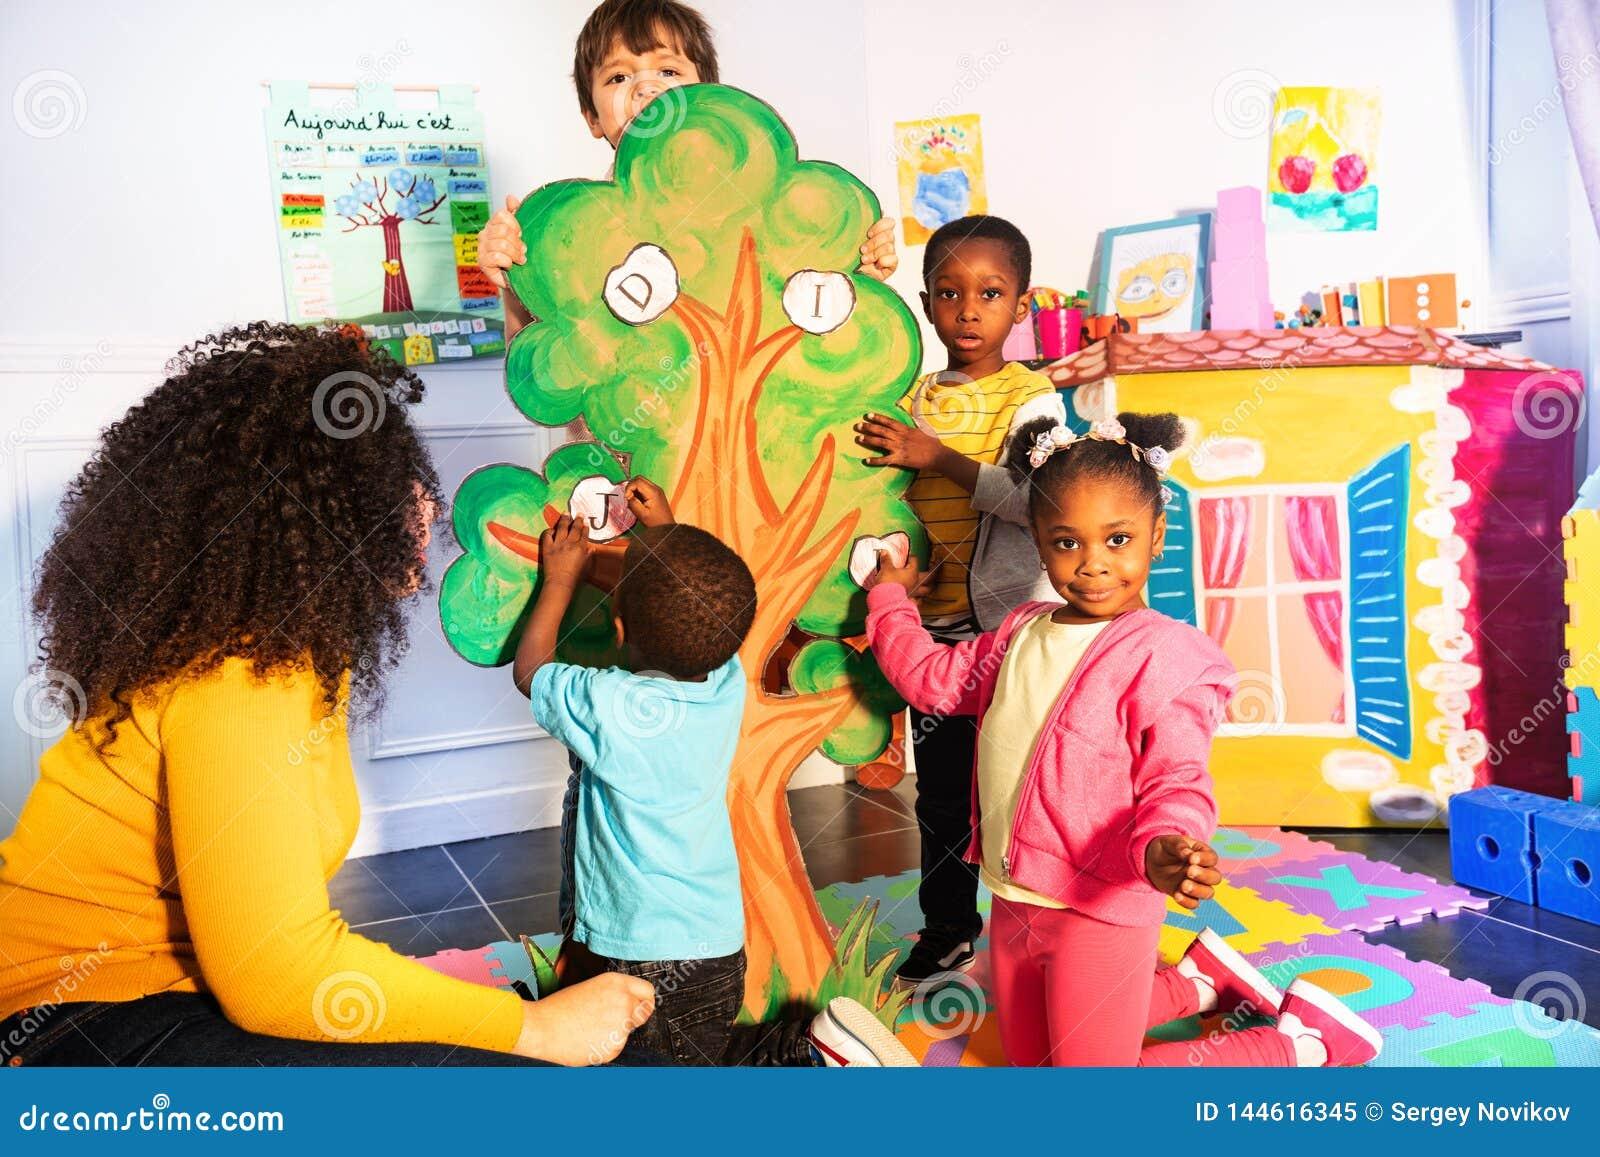 Τα παιδιά μαθαίνουν το αλφάβητο με την τοποθέτηση των επιστολών στο δέντρο